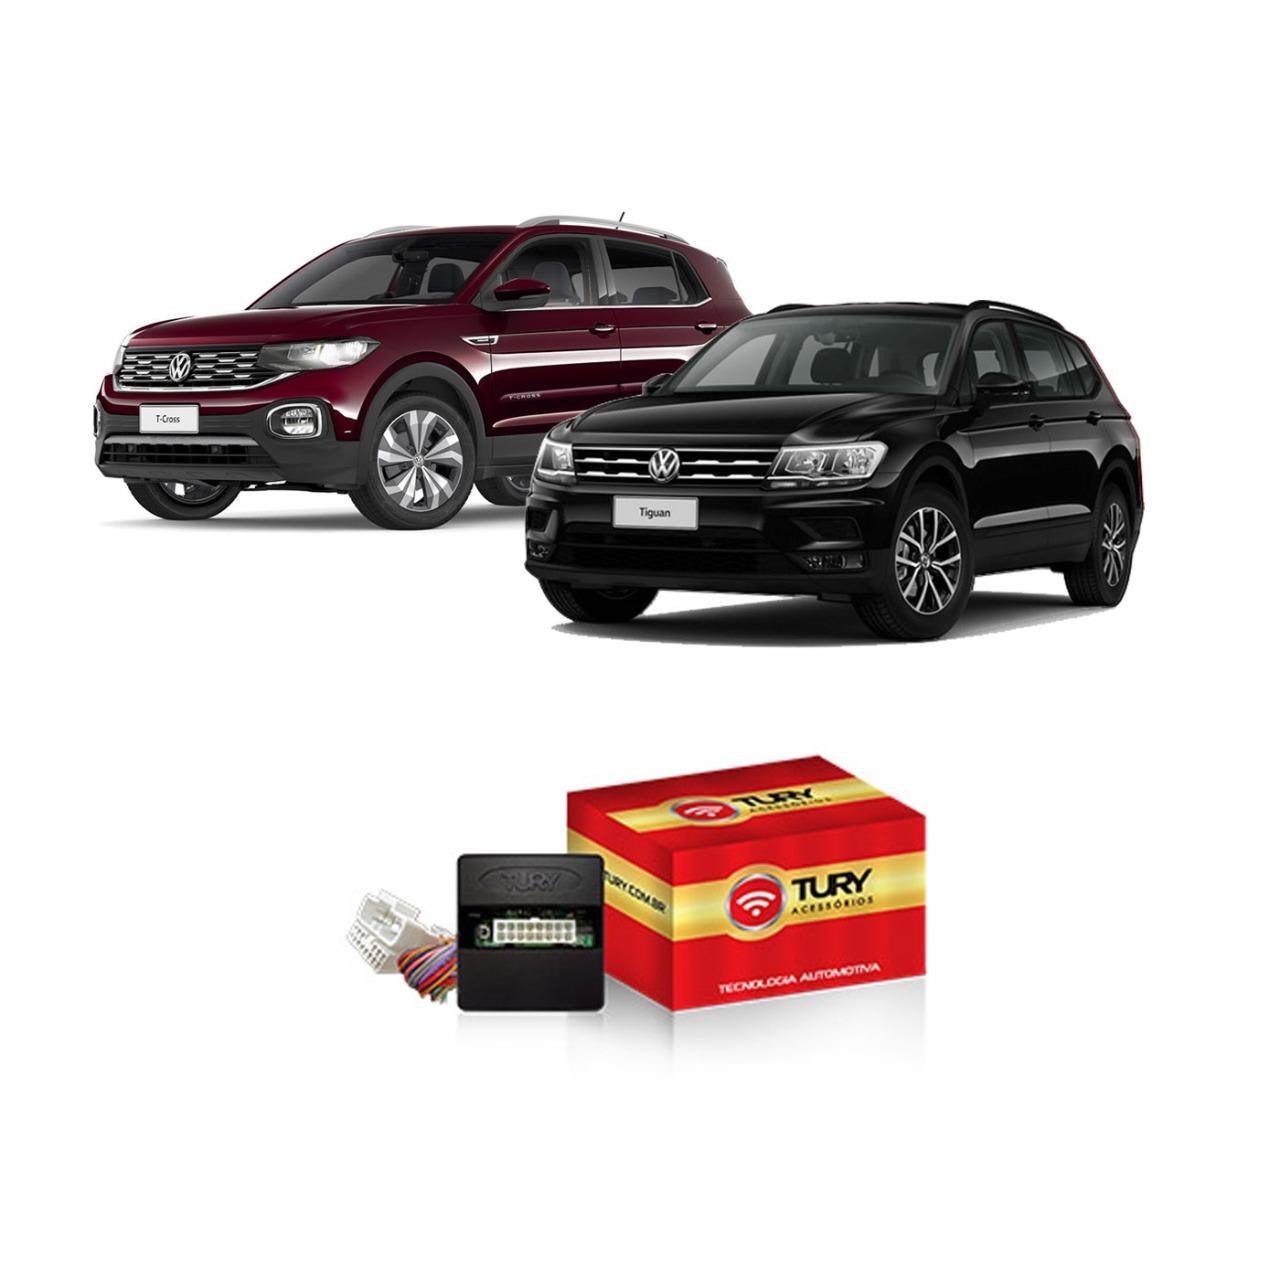 Módulo Subida de Vidro Retrovisor Teto Solar Volkswagen Tiguan Audi  PRO3.1FB